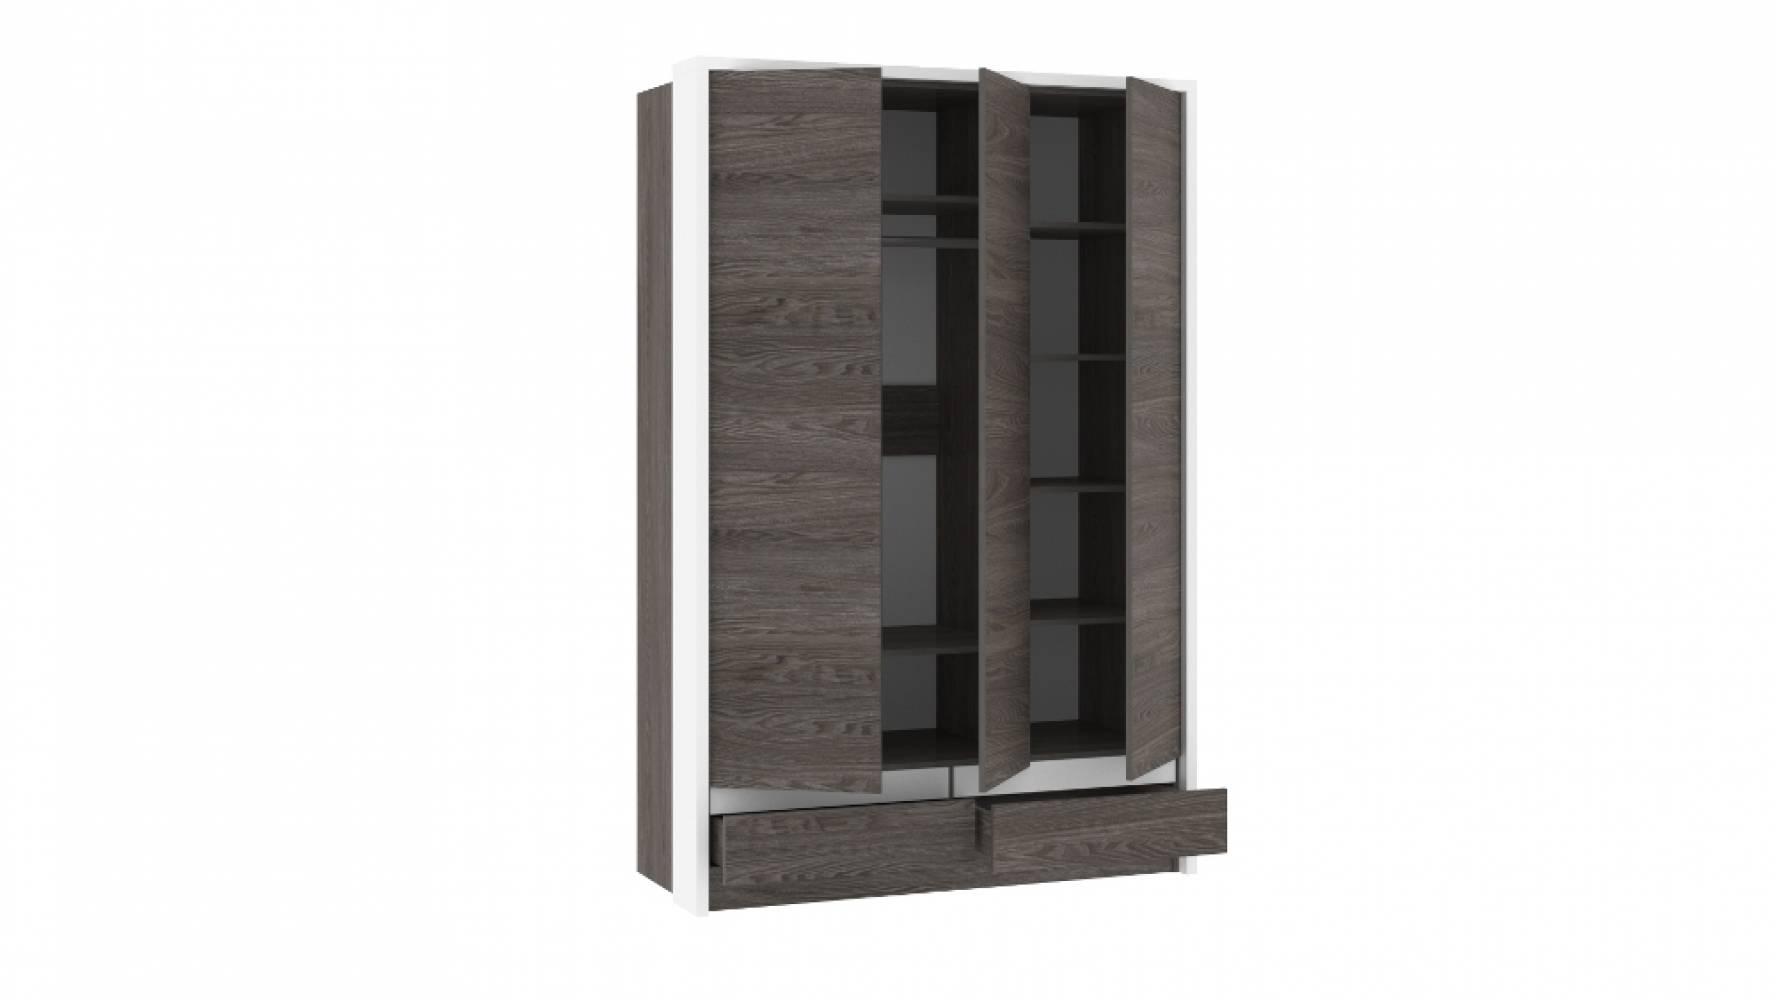 Шкаф комбинированный НМ 011.50 VIRGINIA (Ясень Анкор темный/Белый Скандинавский)